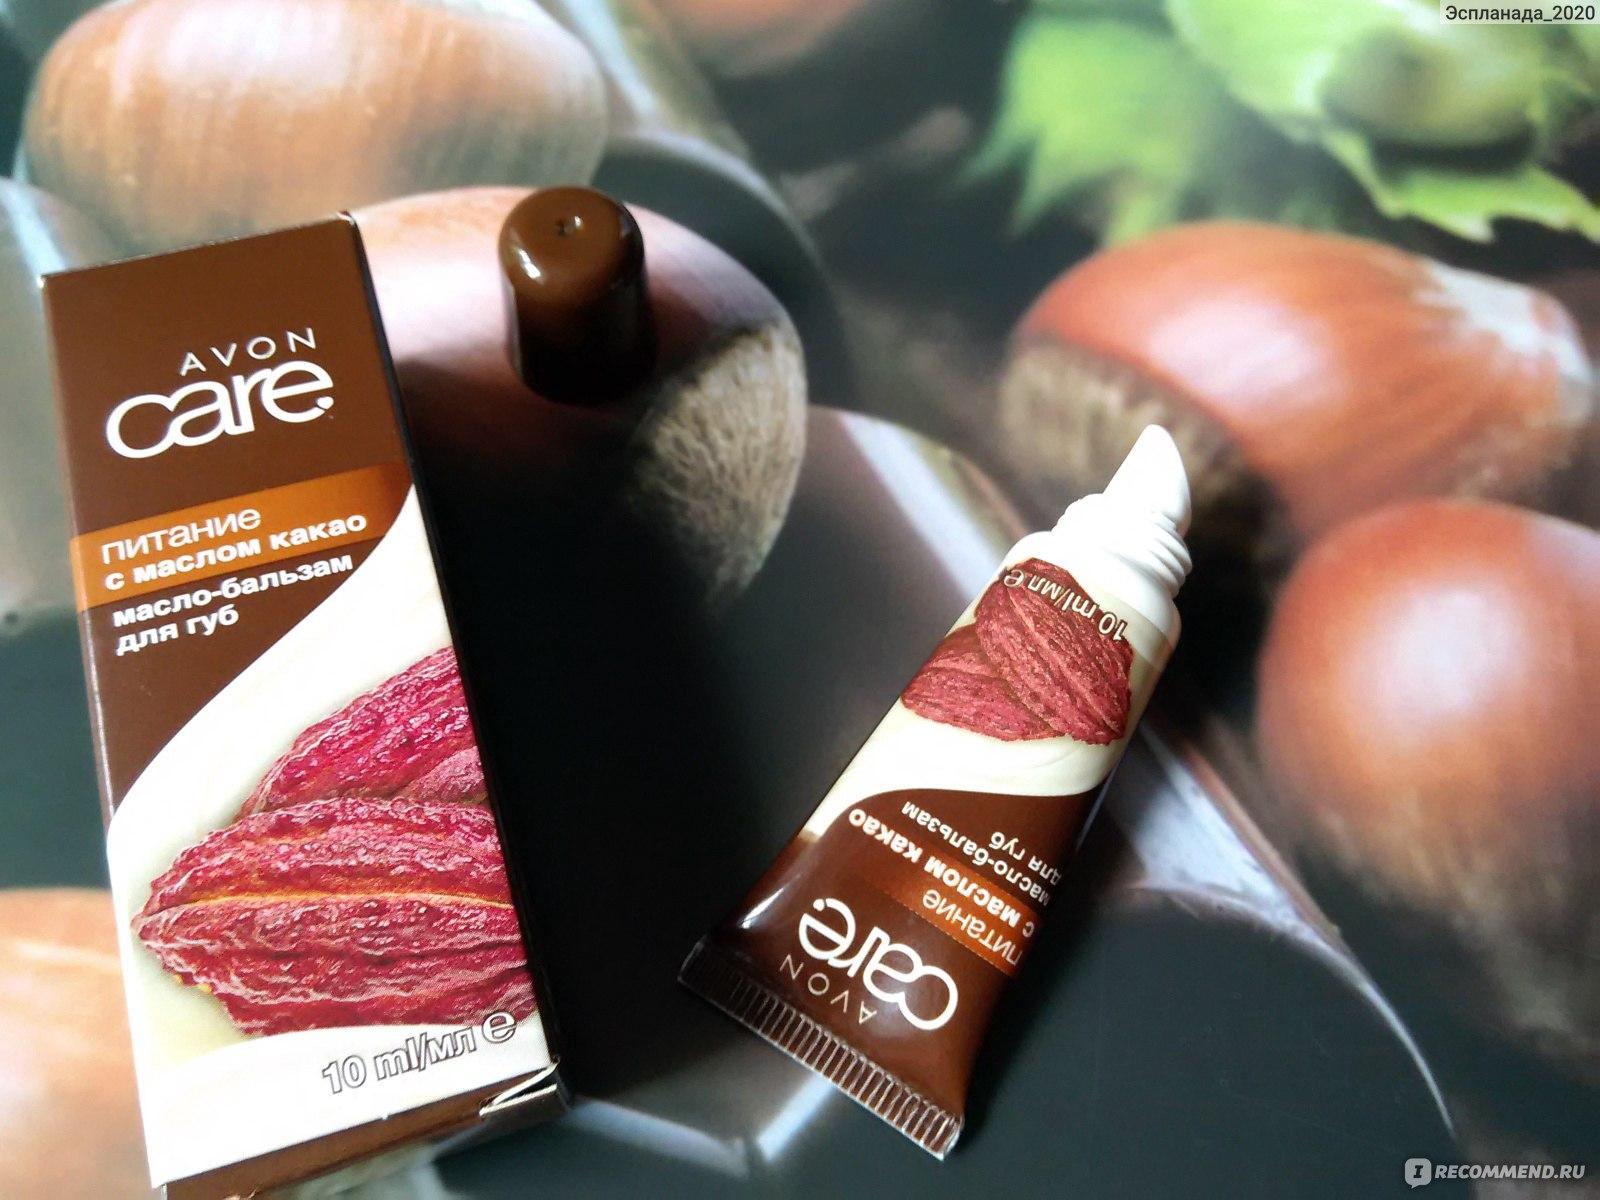 Бальзам для губ эйвон с маслом какао купить косметика sebamed